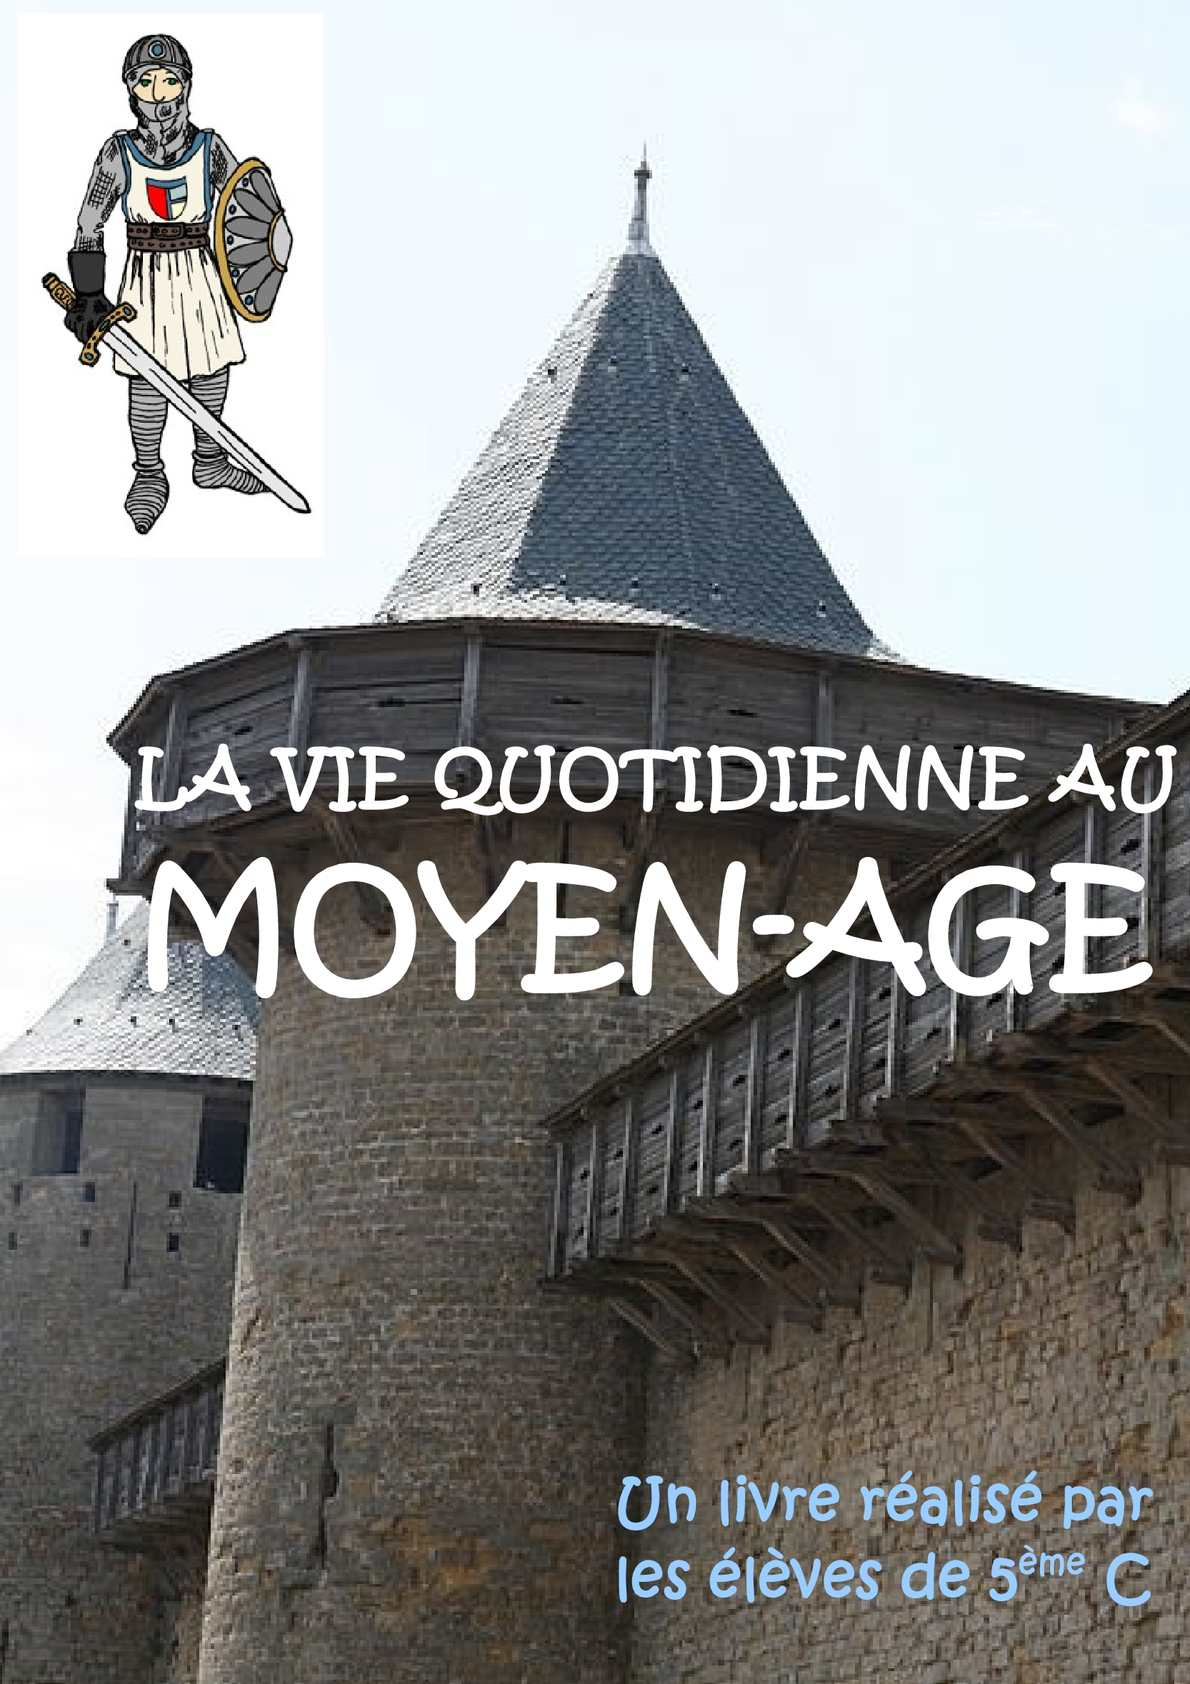 La Vie Quotidienne Au Moyen Age : quotidienne, moyen, Calaméo, Quotidienne, Moyen-Age